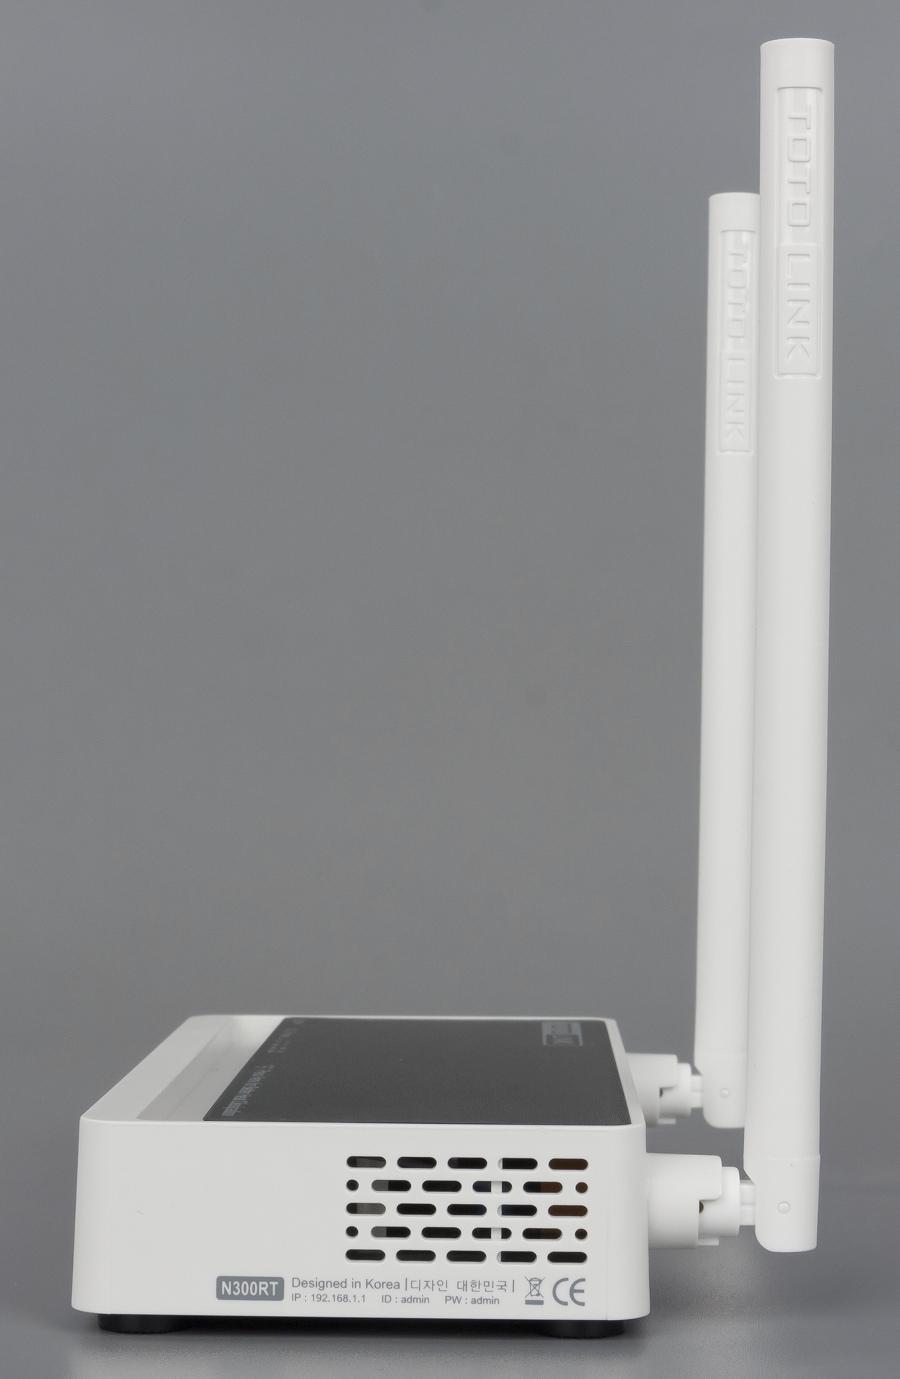 Беспроводной роутер Totolink N300RT